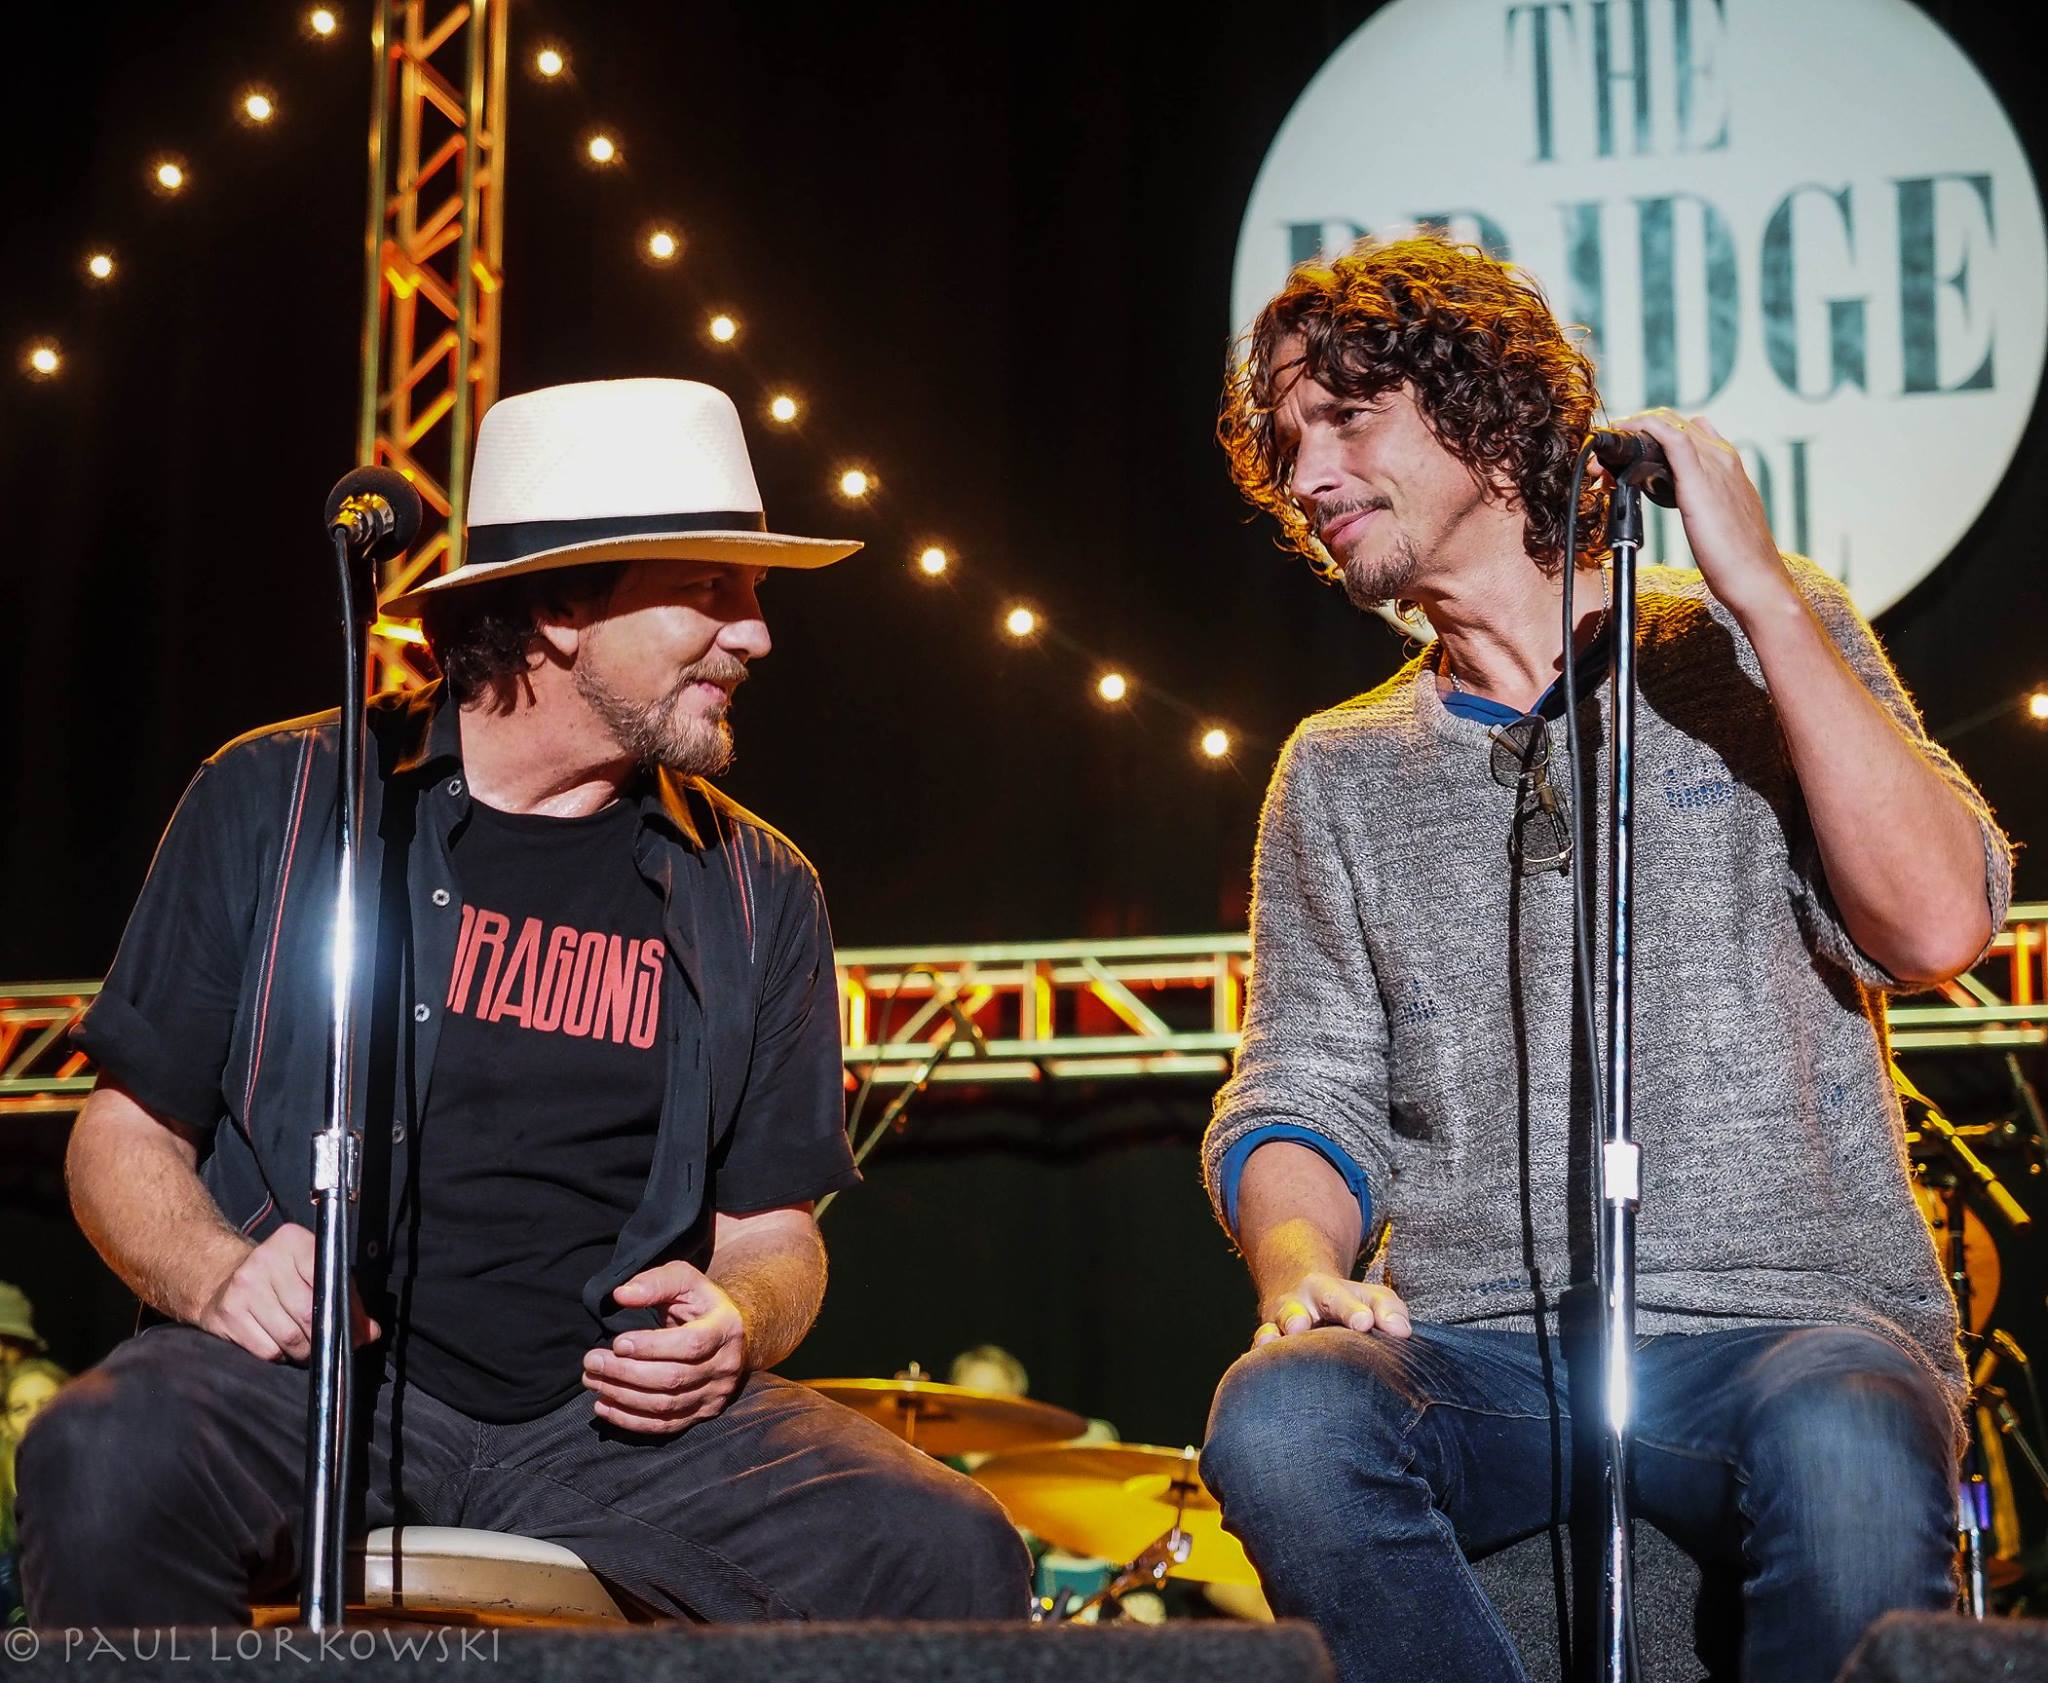 Le parole commosse di Eddie Vedder per ricordare l'amico Chris Cornell